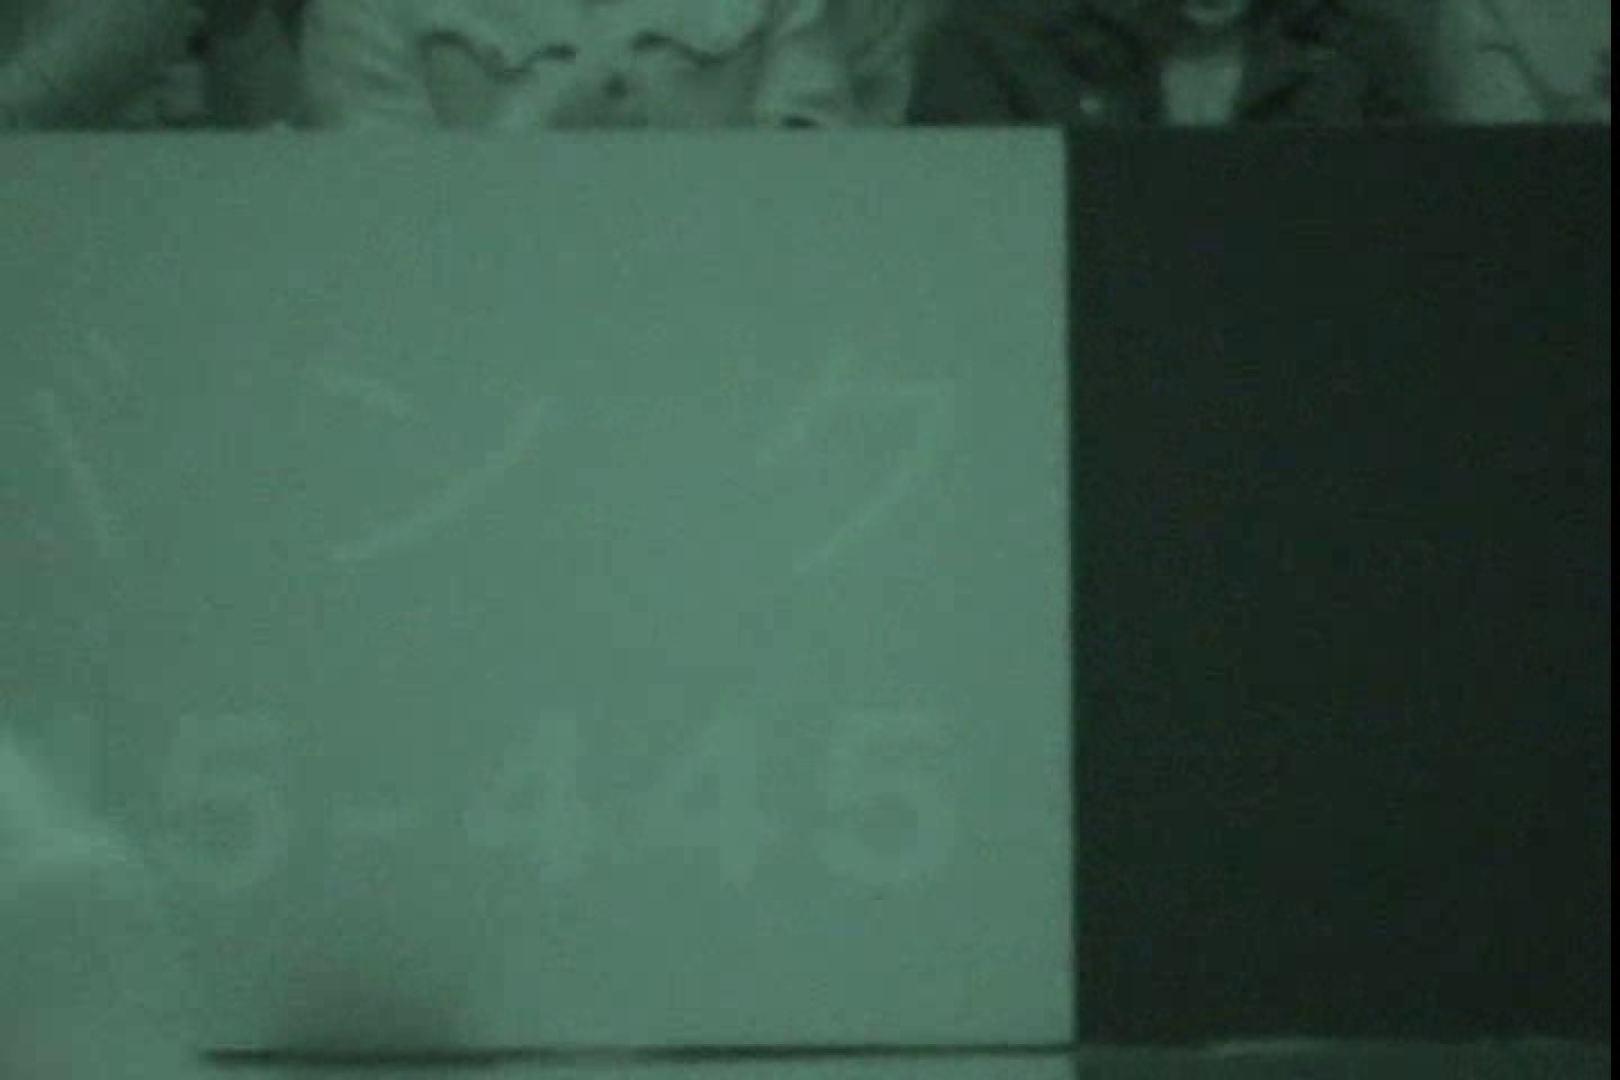 赤外線ムレスケバレー(汗) vol.05 赤外線 | 美しいOLの裸体  79pic 70